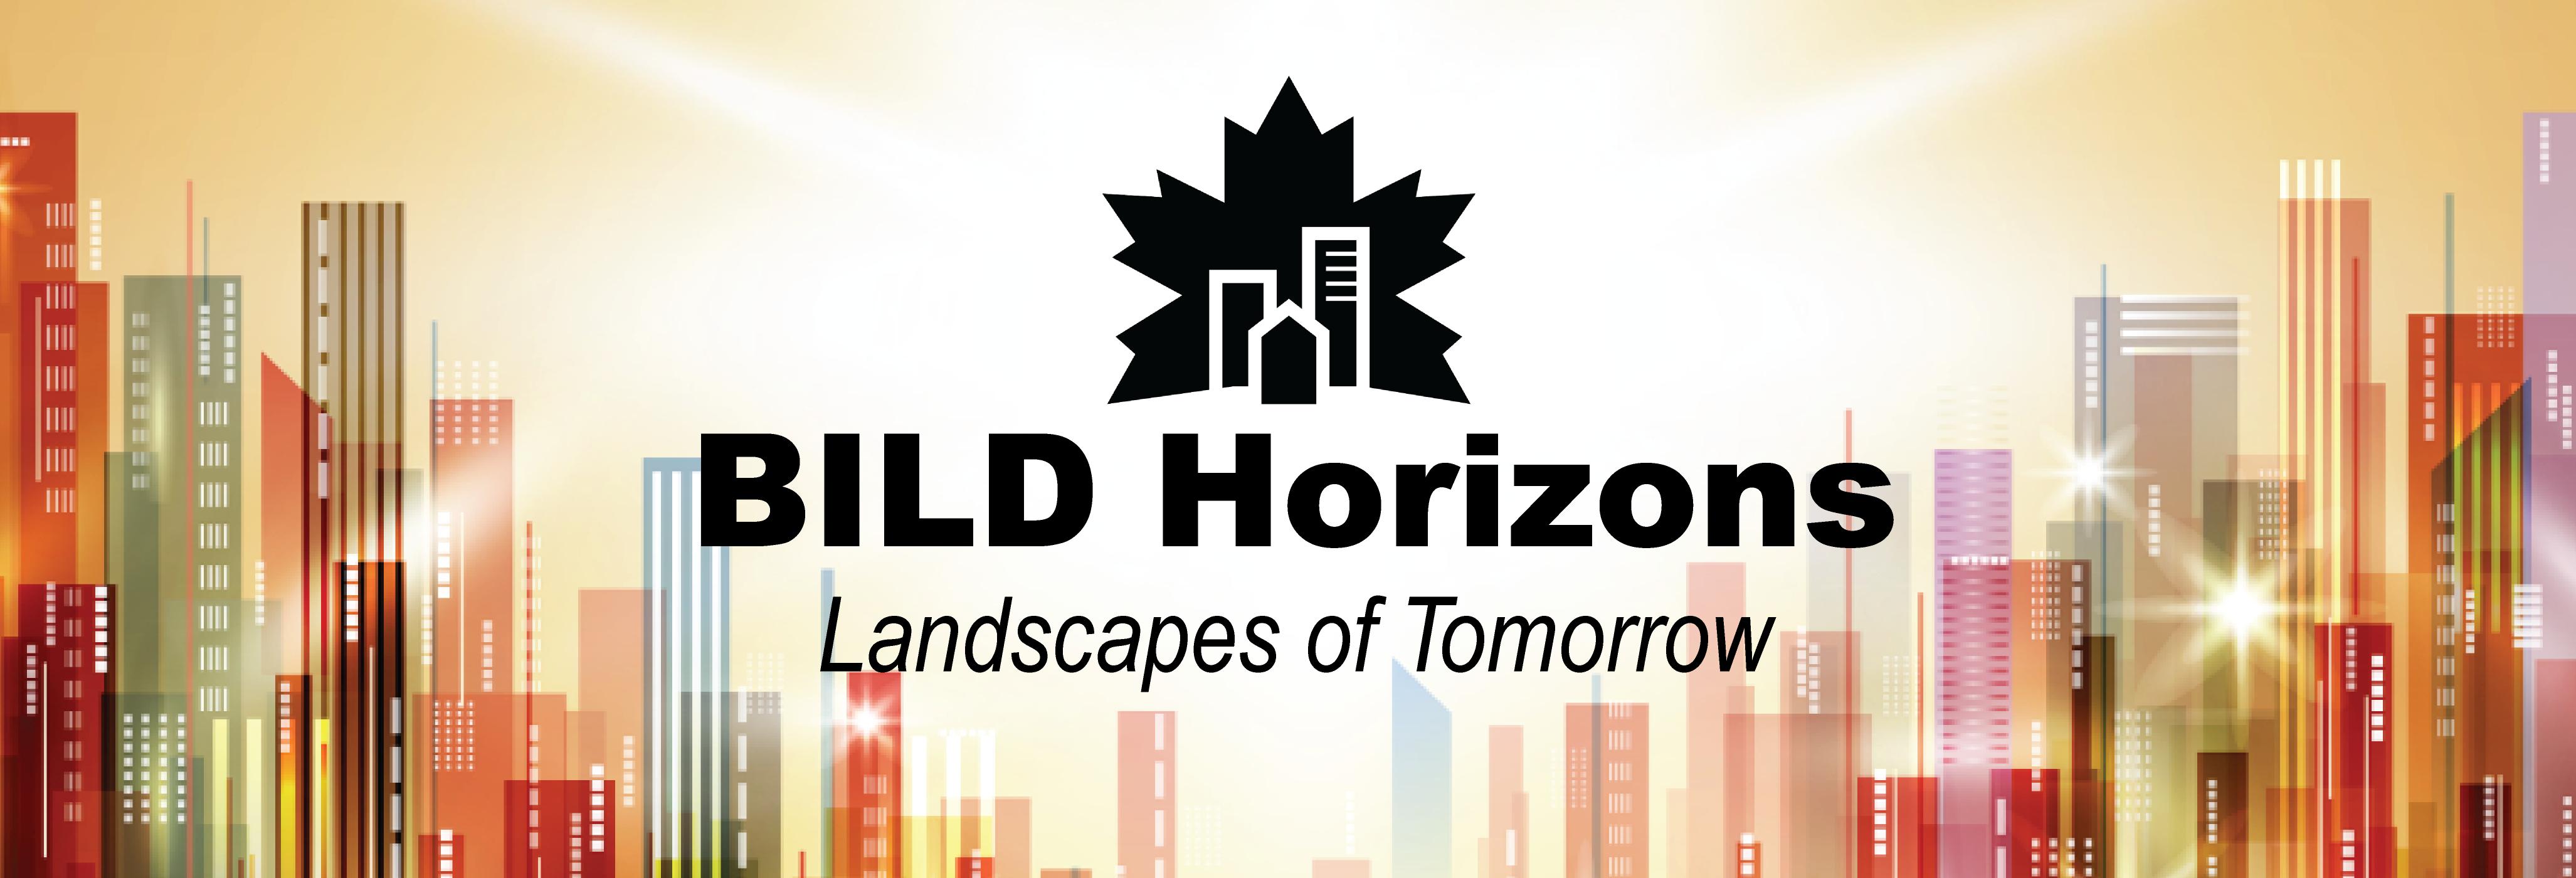 BILD Horizons 2019